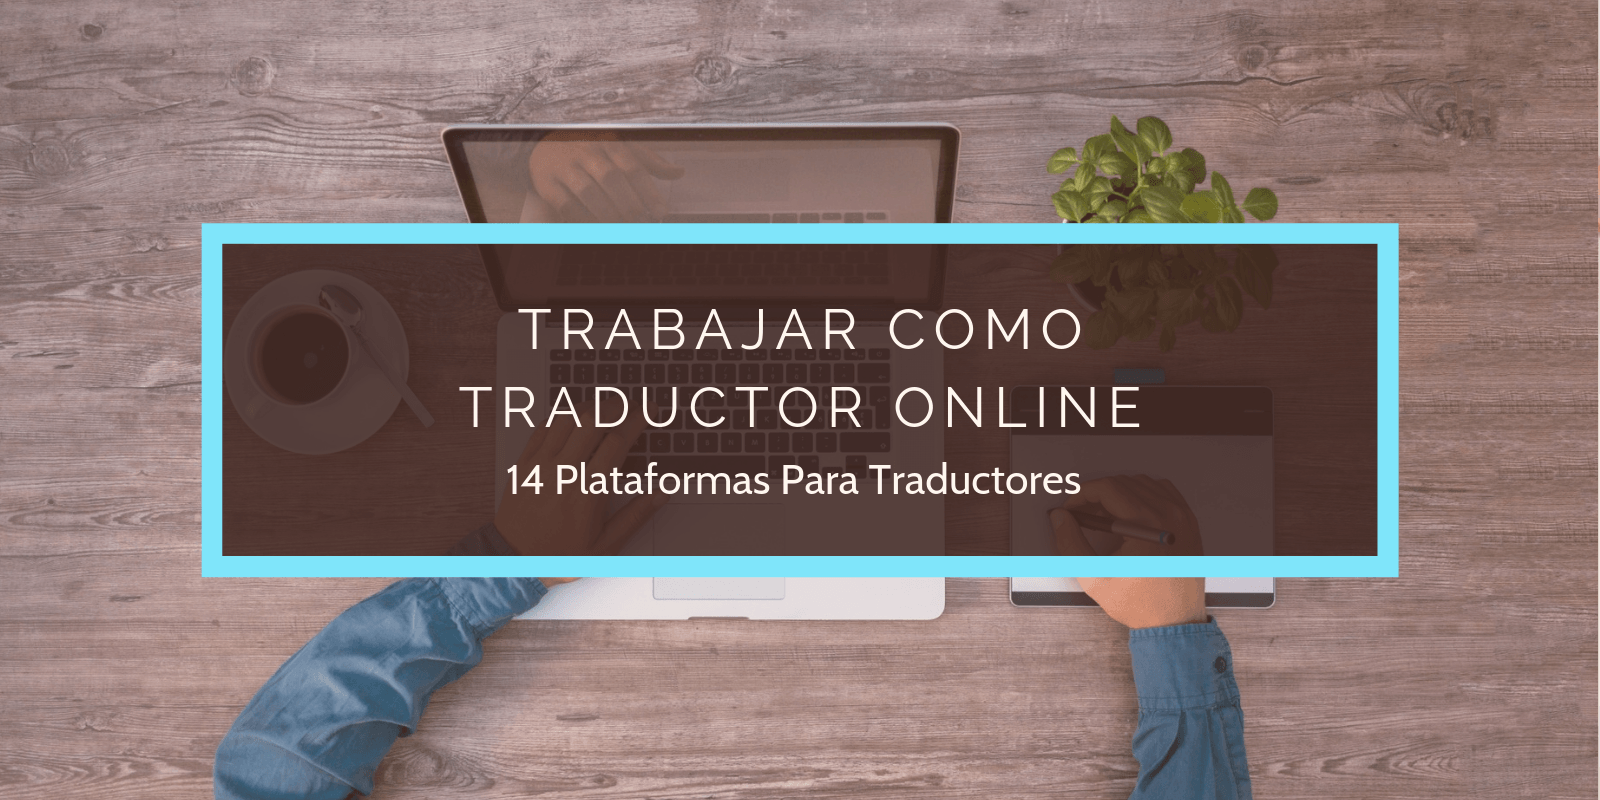 Como Trabajar Como Traductor Online